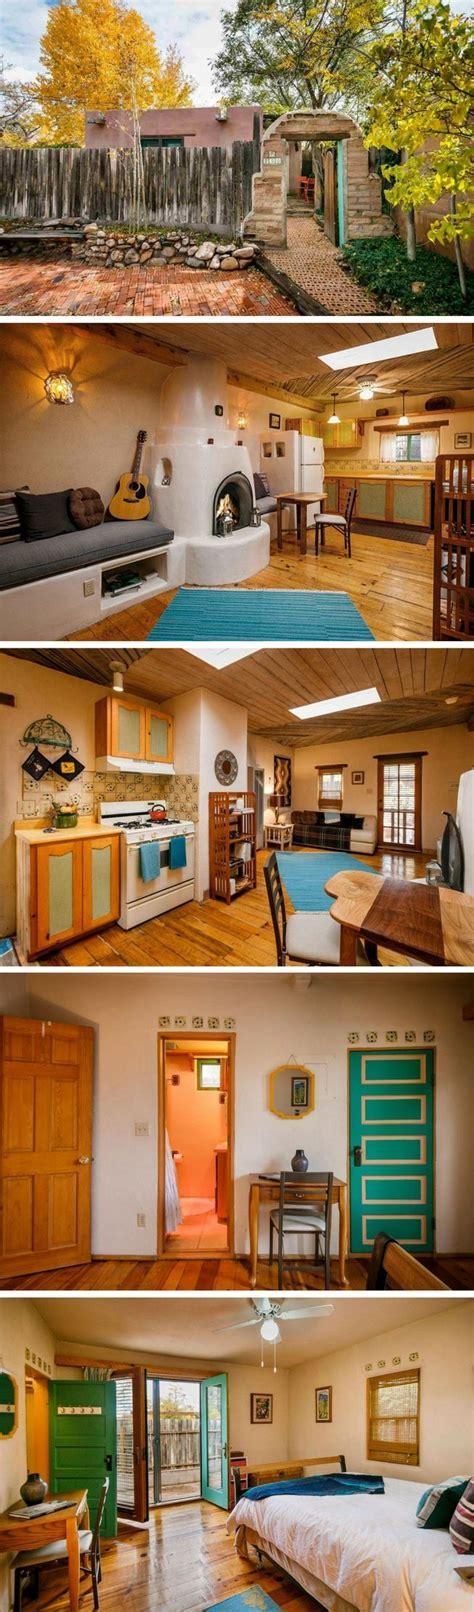 tiny houses new mexico best 25 santa fe decor ideas on pinterest santa fe interiors santa fe home and